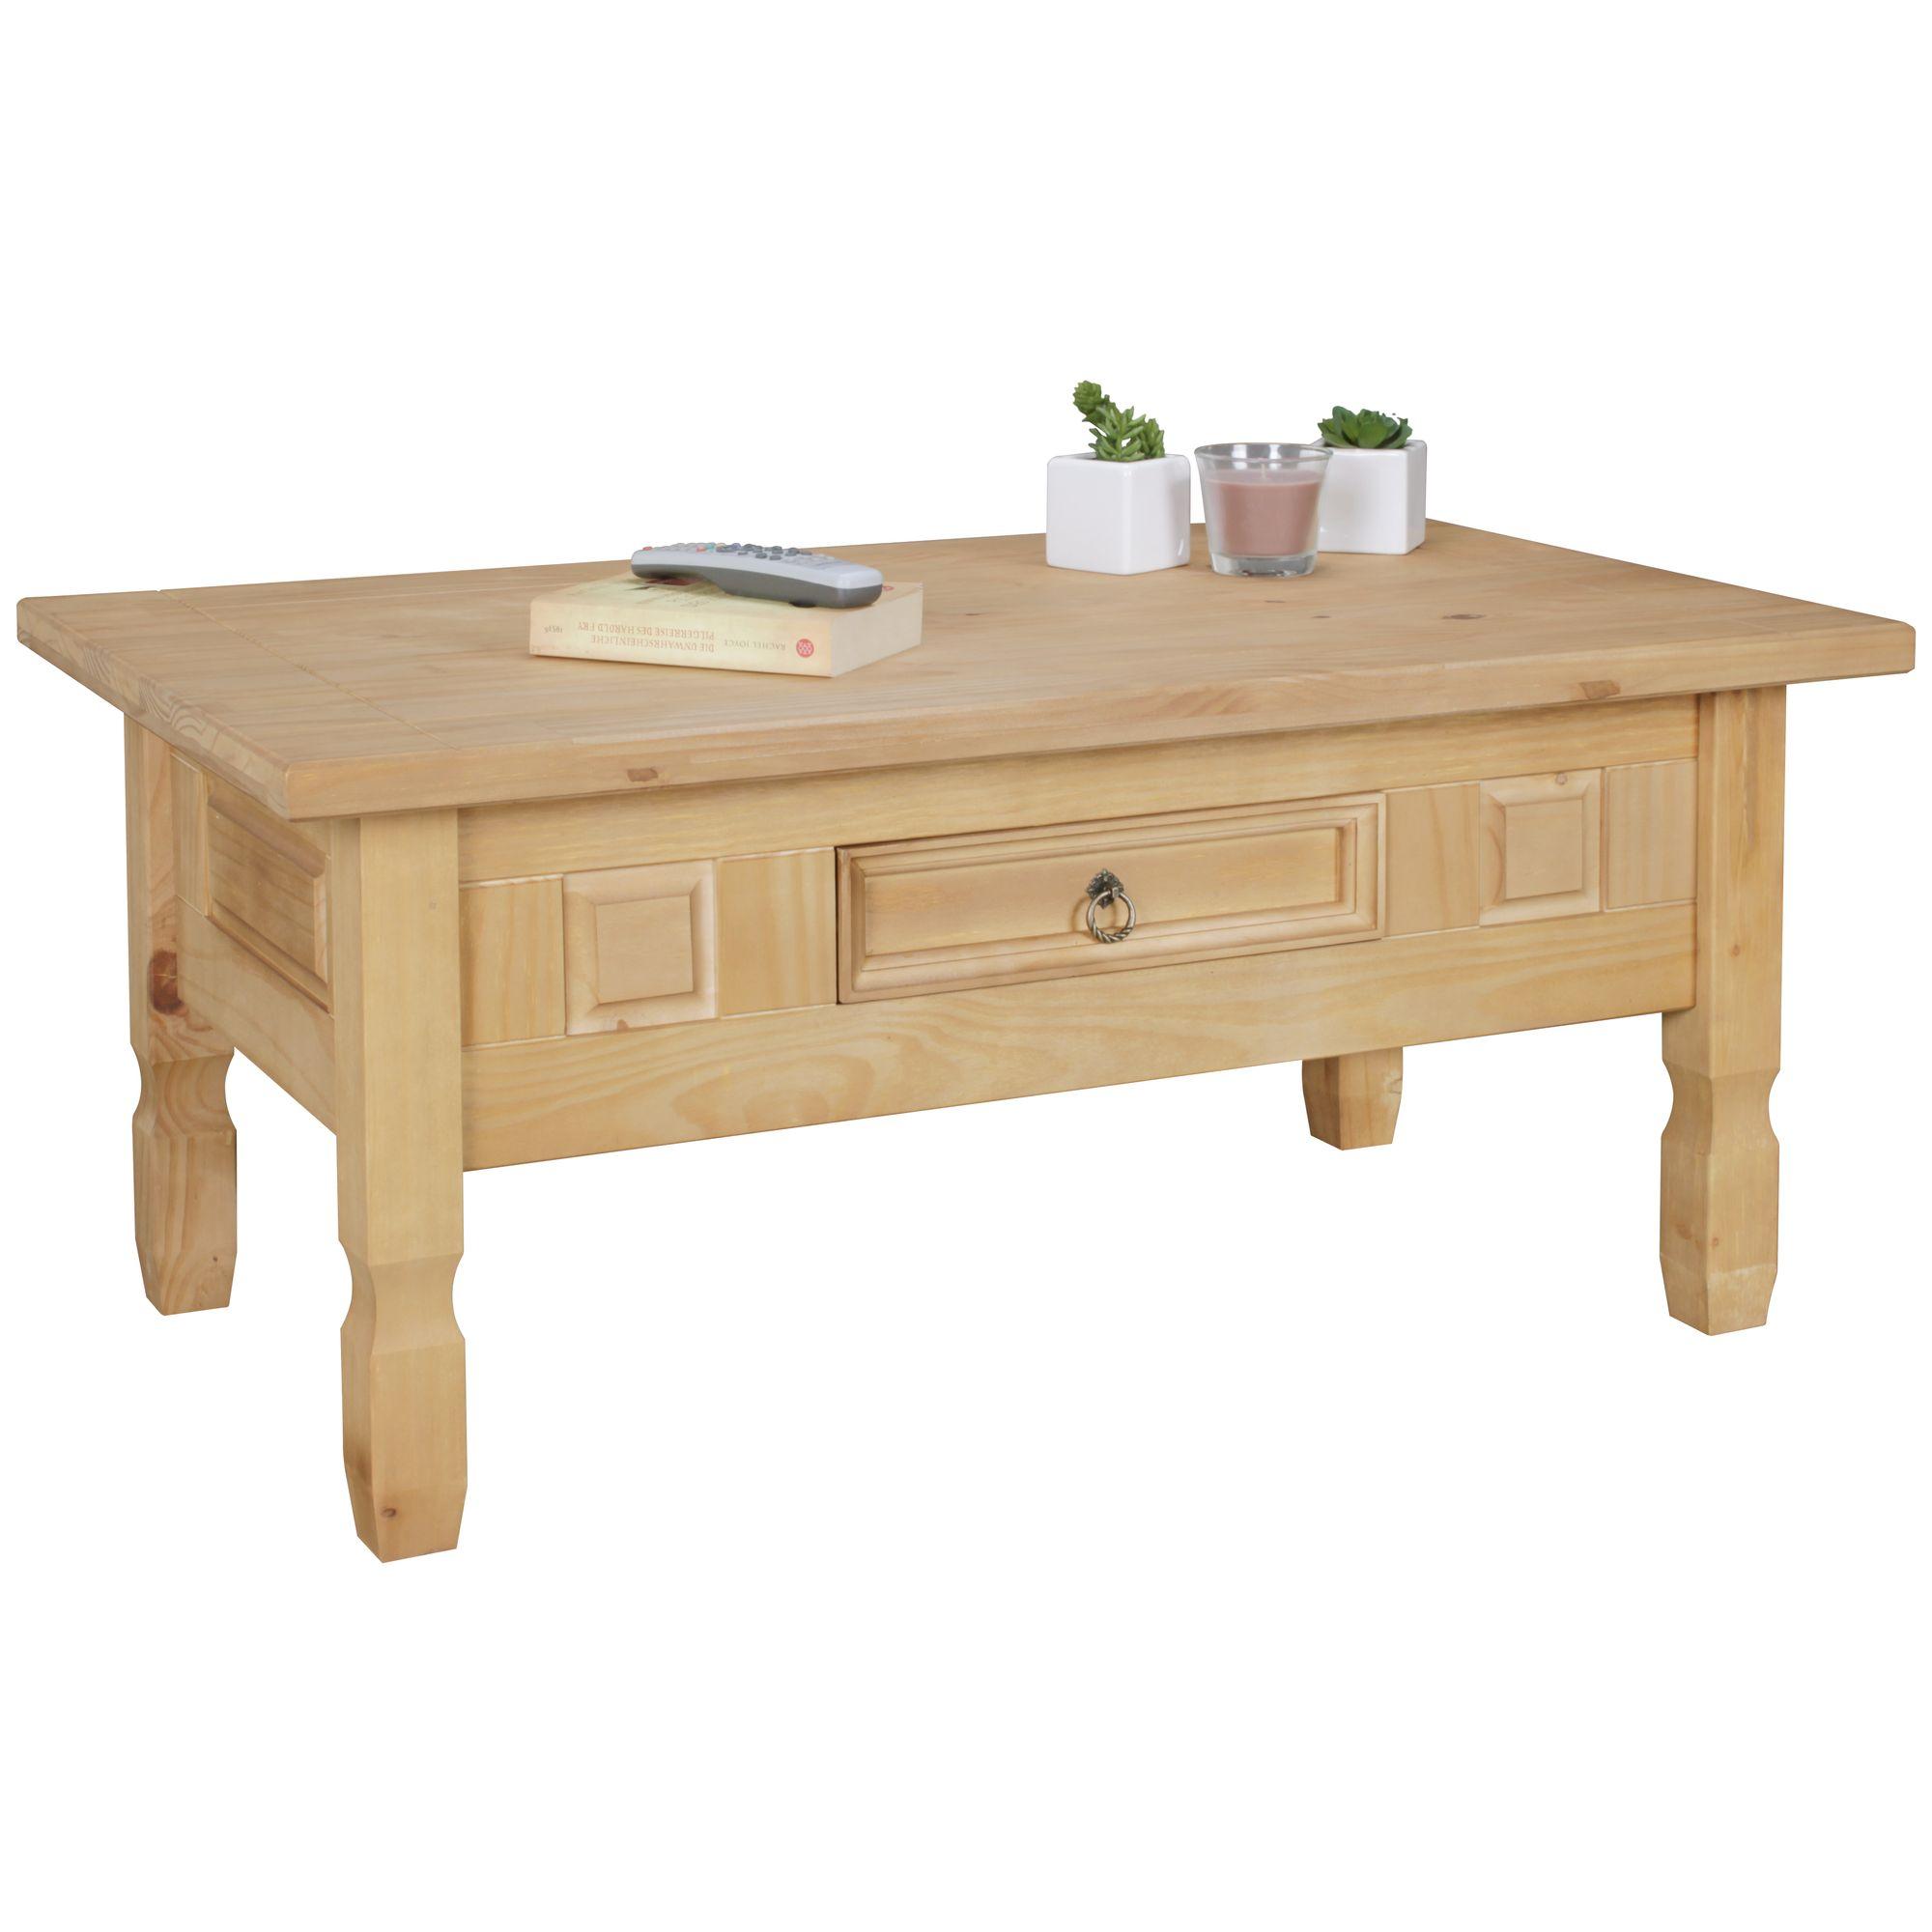 Couchtisch Kiefer Holz 100 X 60 Cm Wohnzimmertisch Massiv Tisch